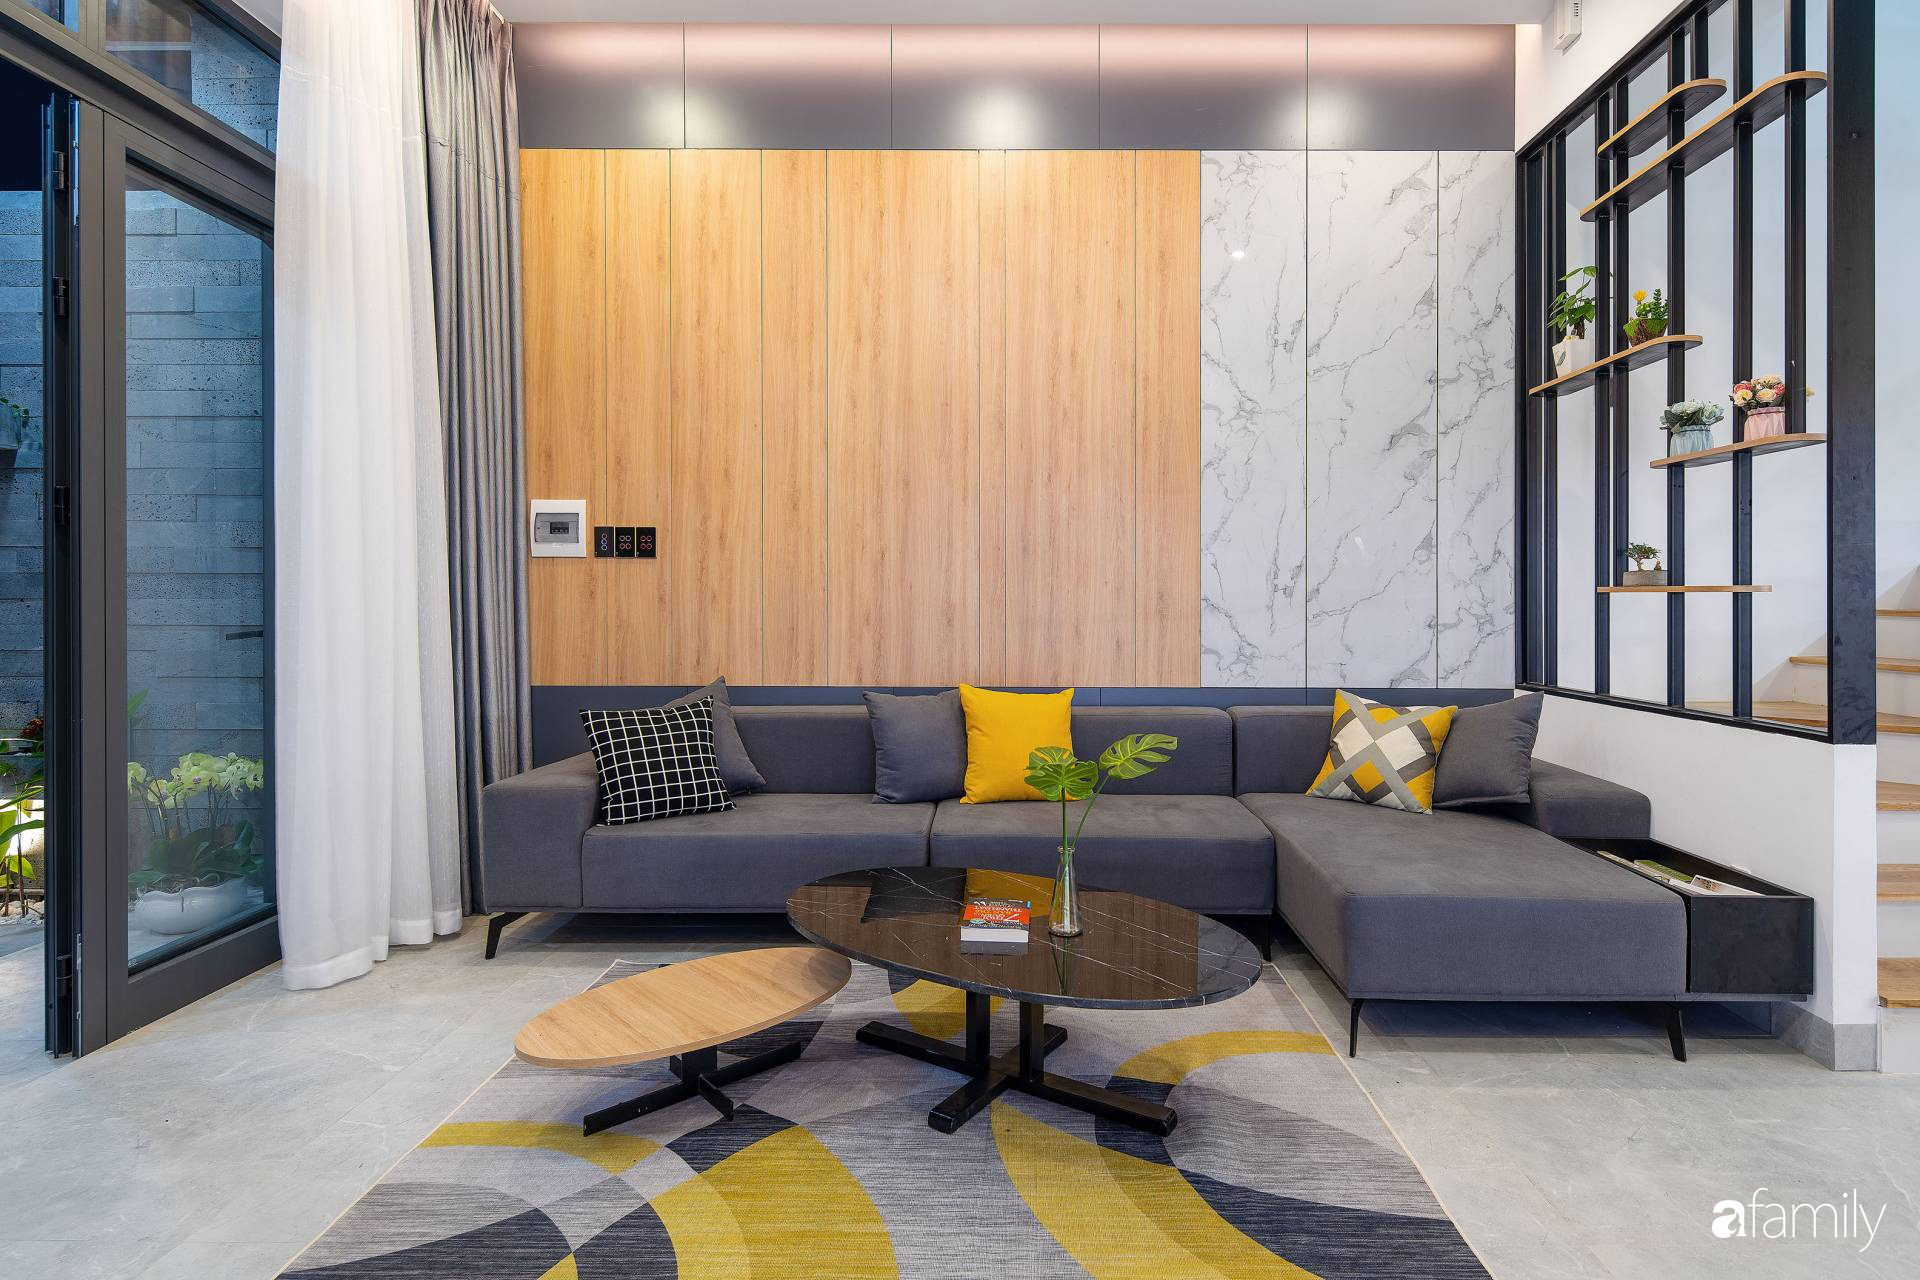 Ngôi nhà 100m2 thiết kế thông minh, tiện lợi dành cho gia đình 3 thế hệ ở Đà Nẵng - Ảnh 5.